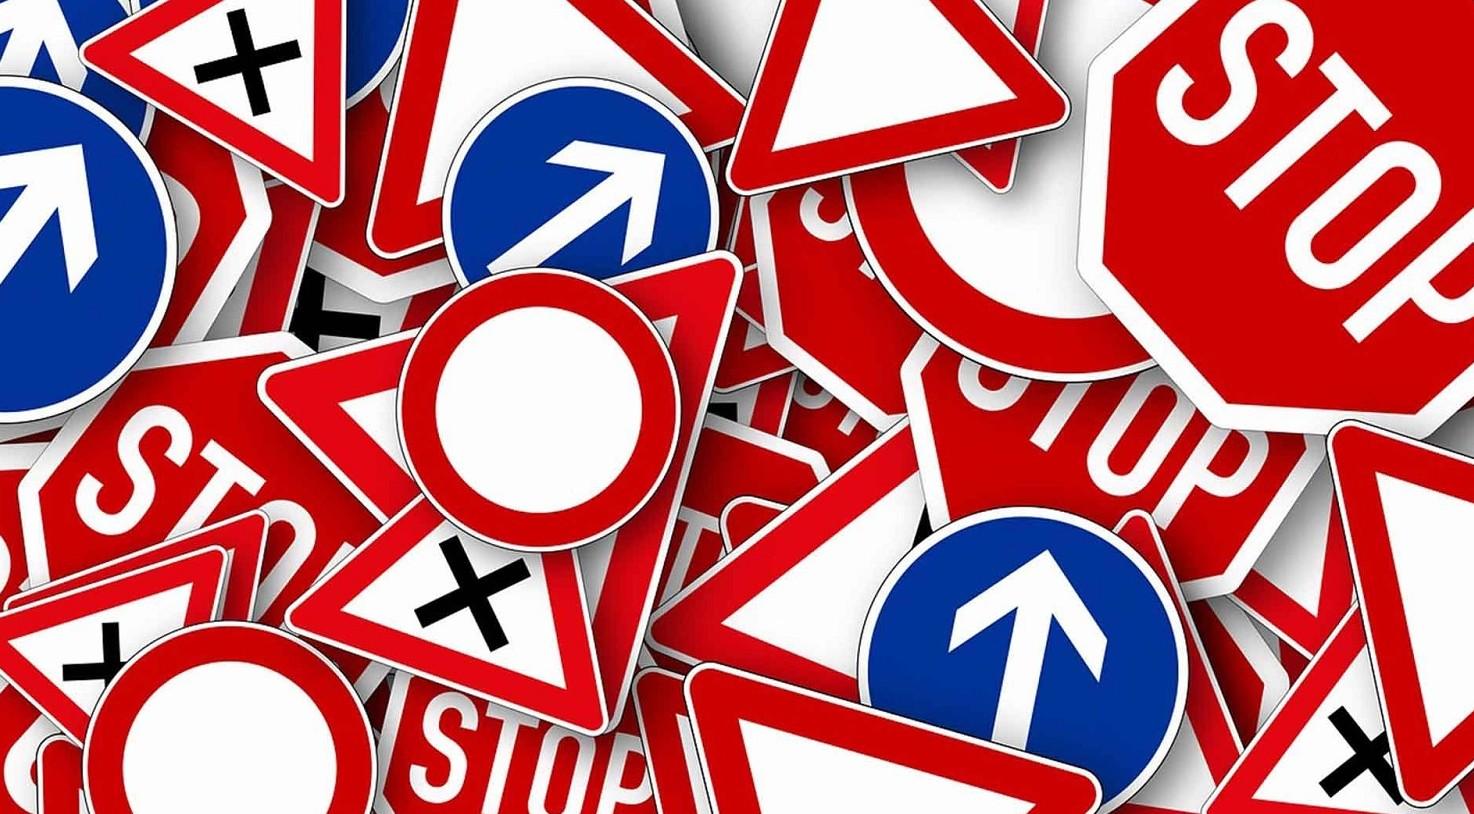 Cosa dice l'articolo 158 del Codice della Strada?